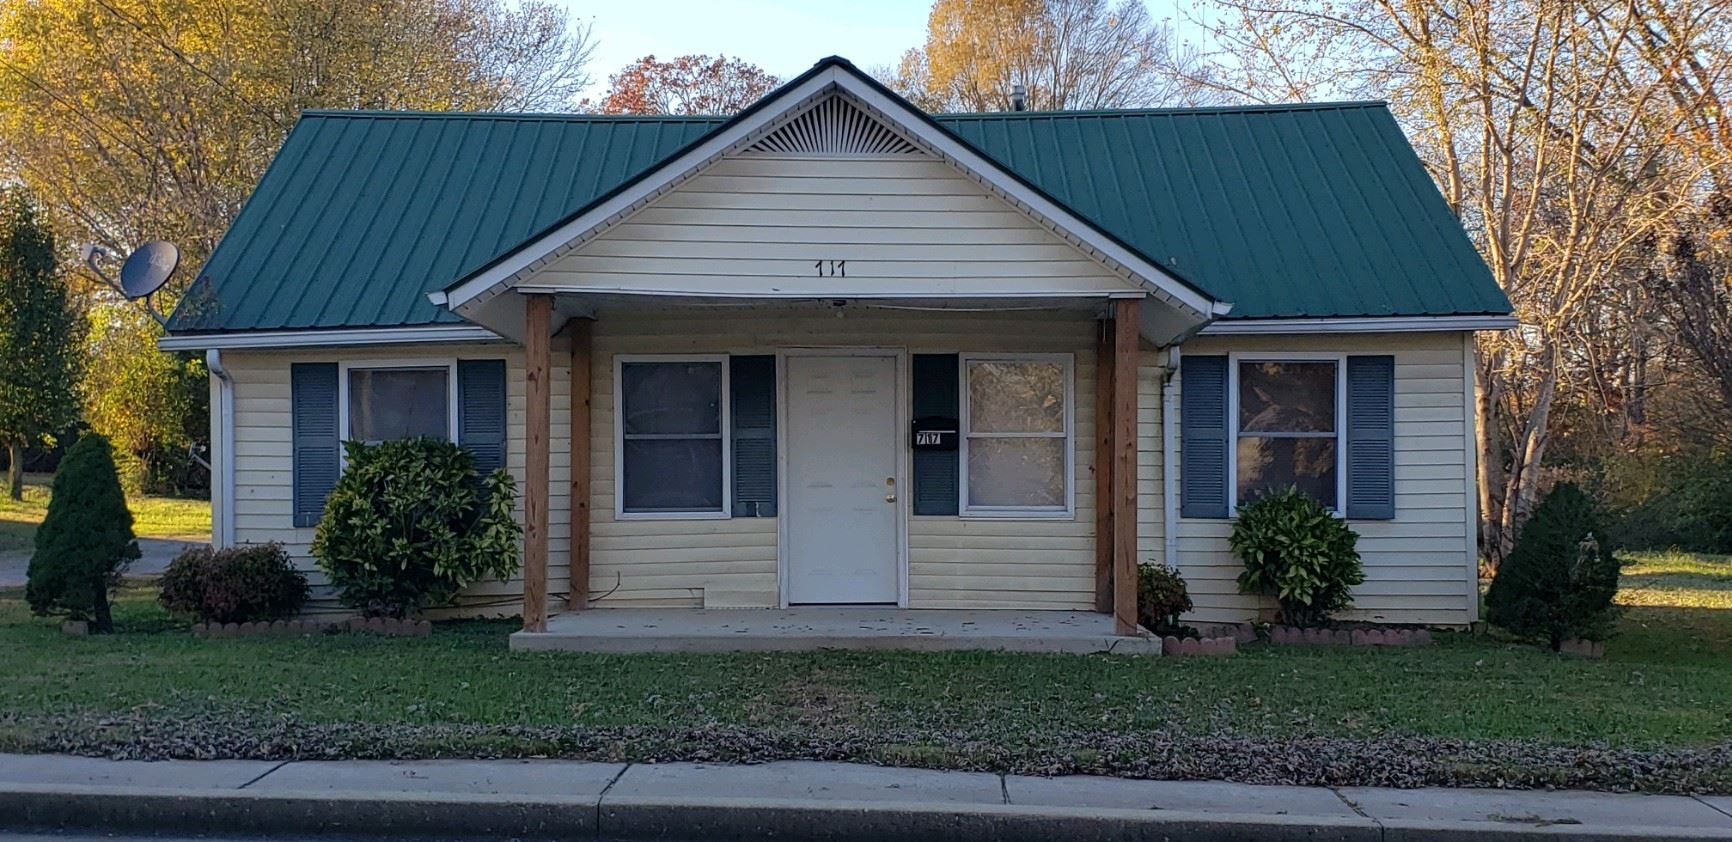 717 S Mountain St, Smithville, TN 37166 - MLS#: 2206964